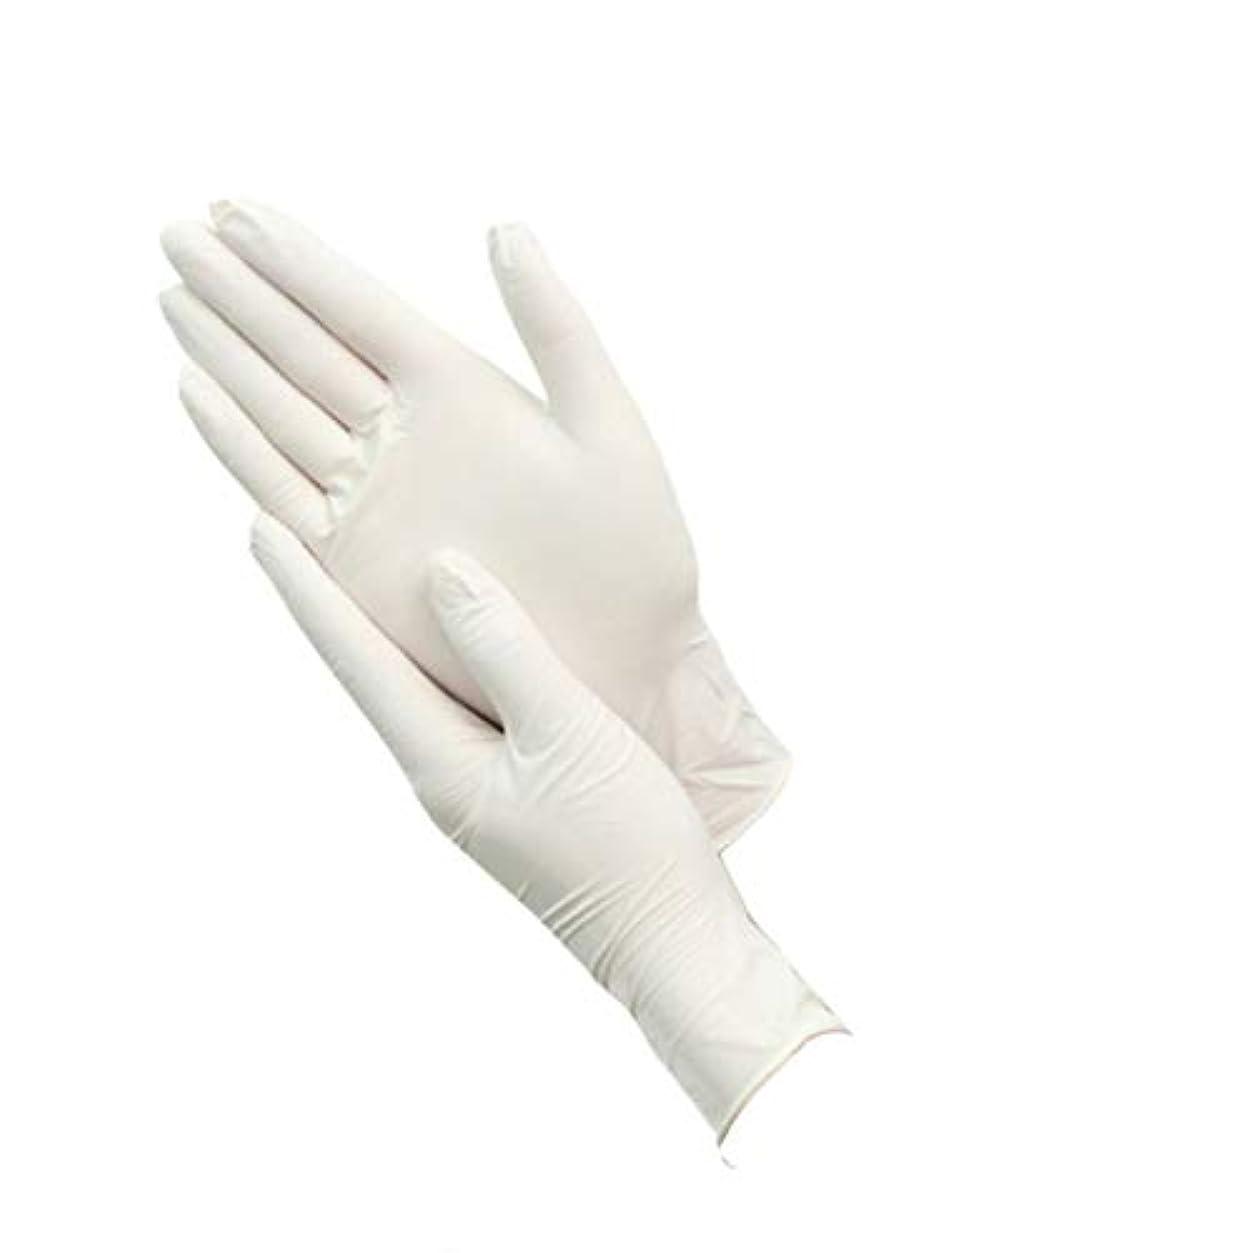 ボイコット発表する軍隊使い捨て手袋グッド100グラム増量ニトリルブタジエンゴム (サイズ さいず : XL)